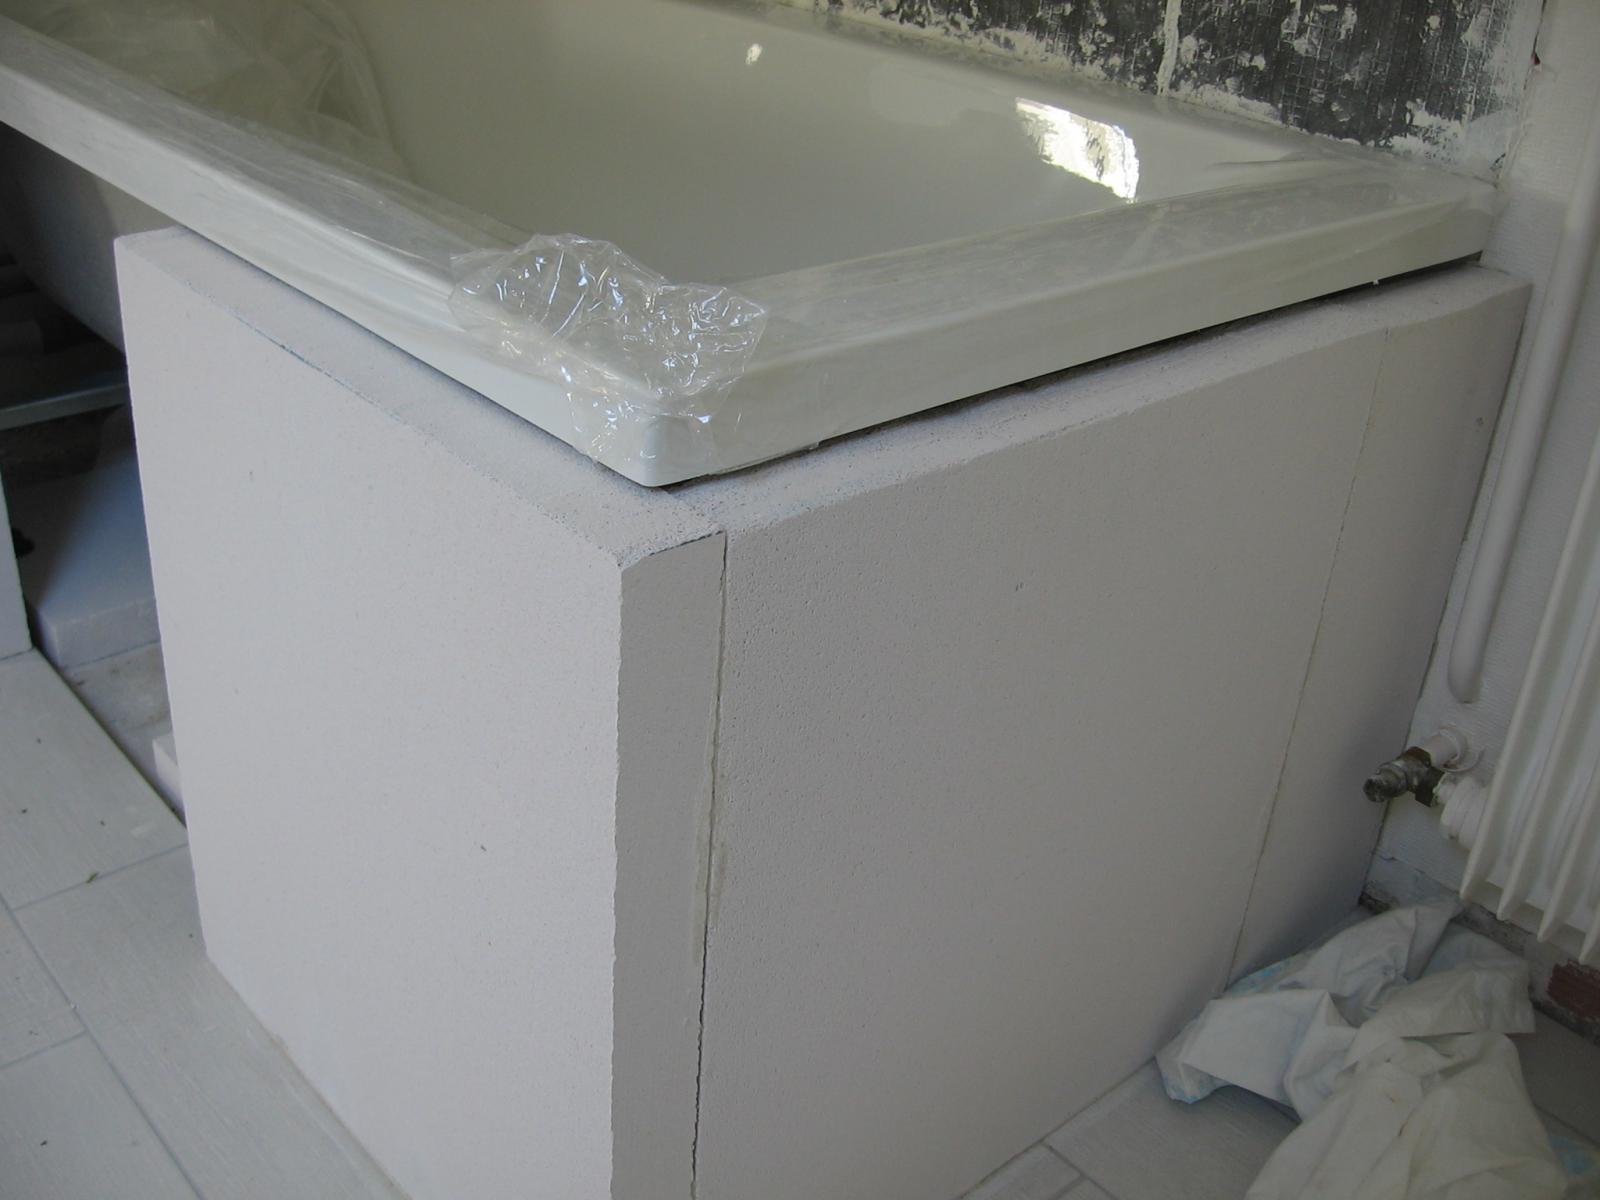 Plage de baignoire en siporex comment carreler - Wedi salle de bain ...